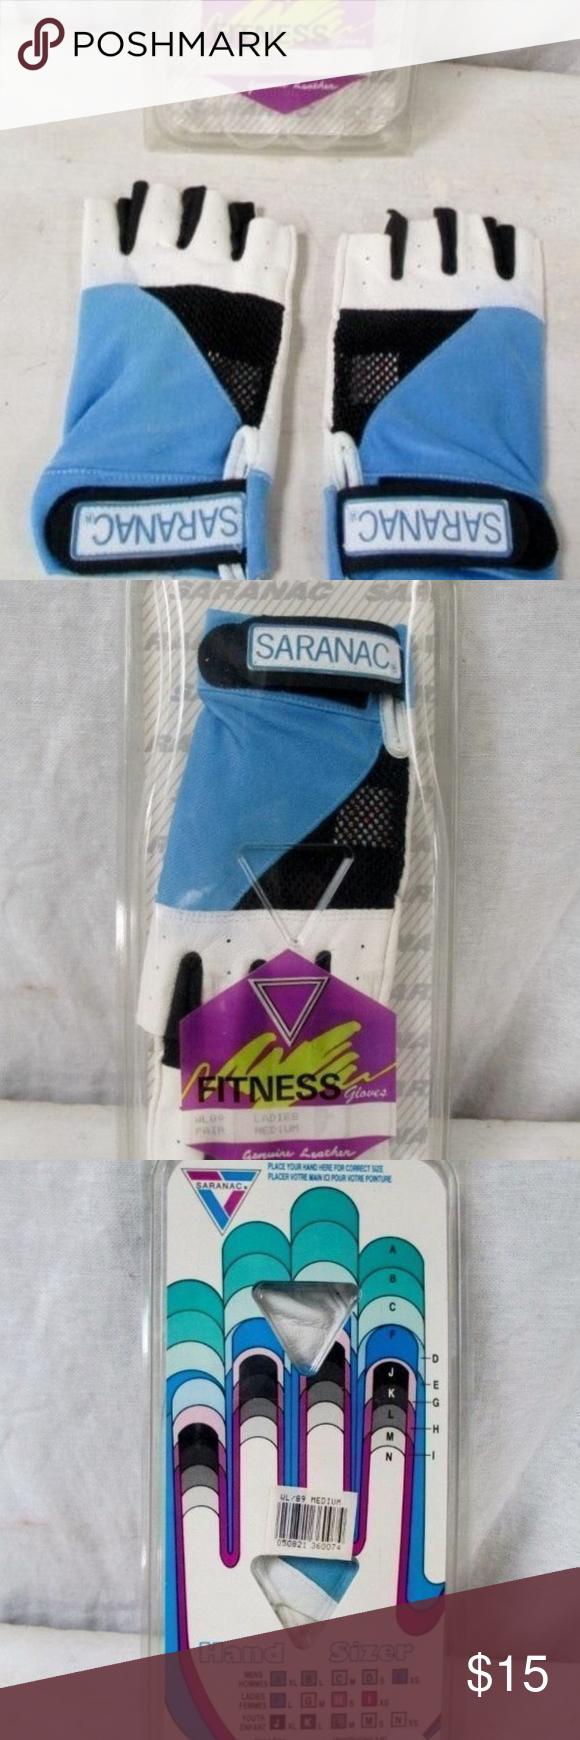 NEUE SARANAC Leather Workout Core Fitness-Handschuhe Neu im Paket - mehrere Paare zur Zeit... - NEUE...